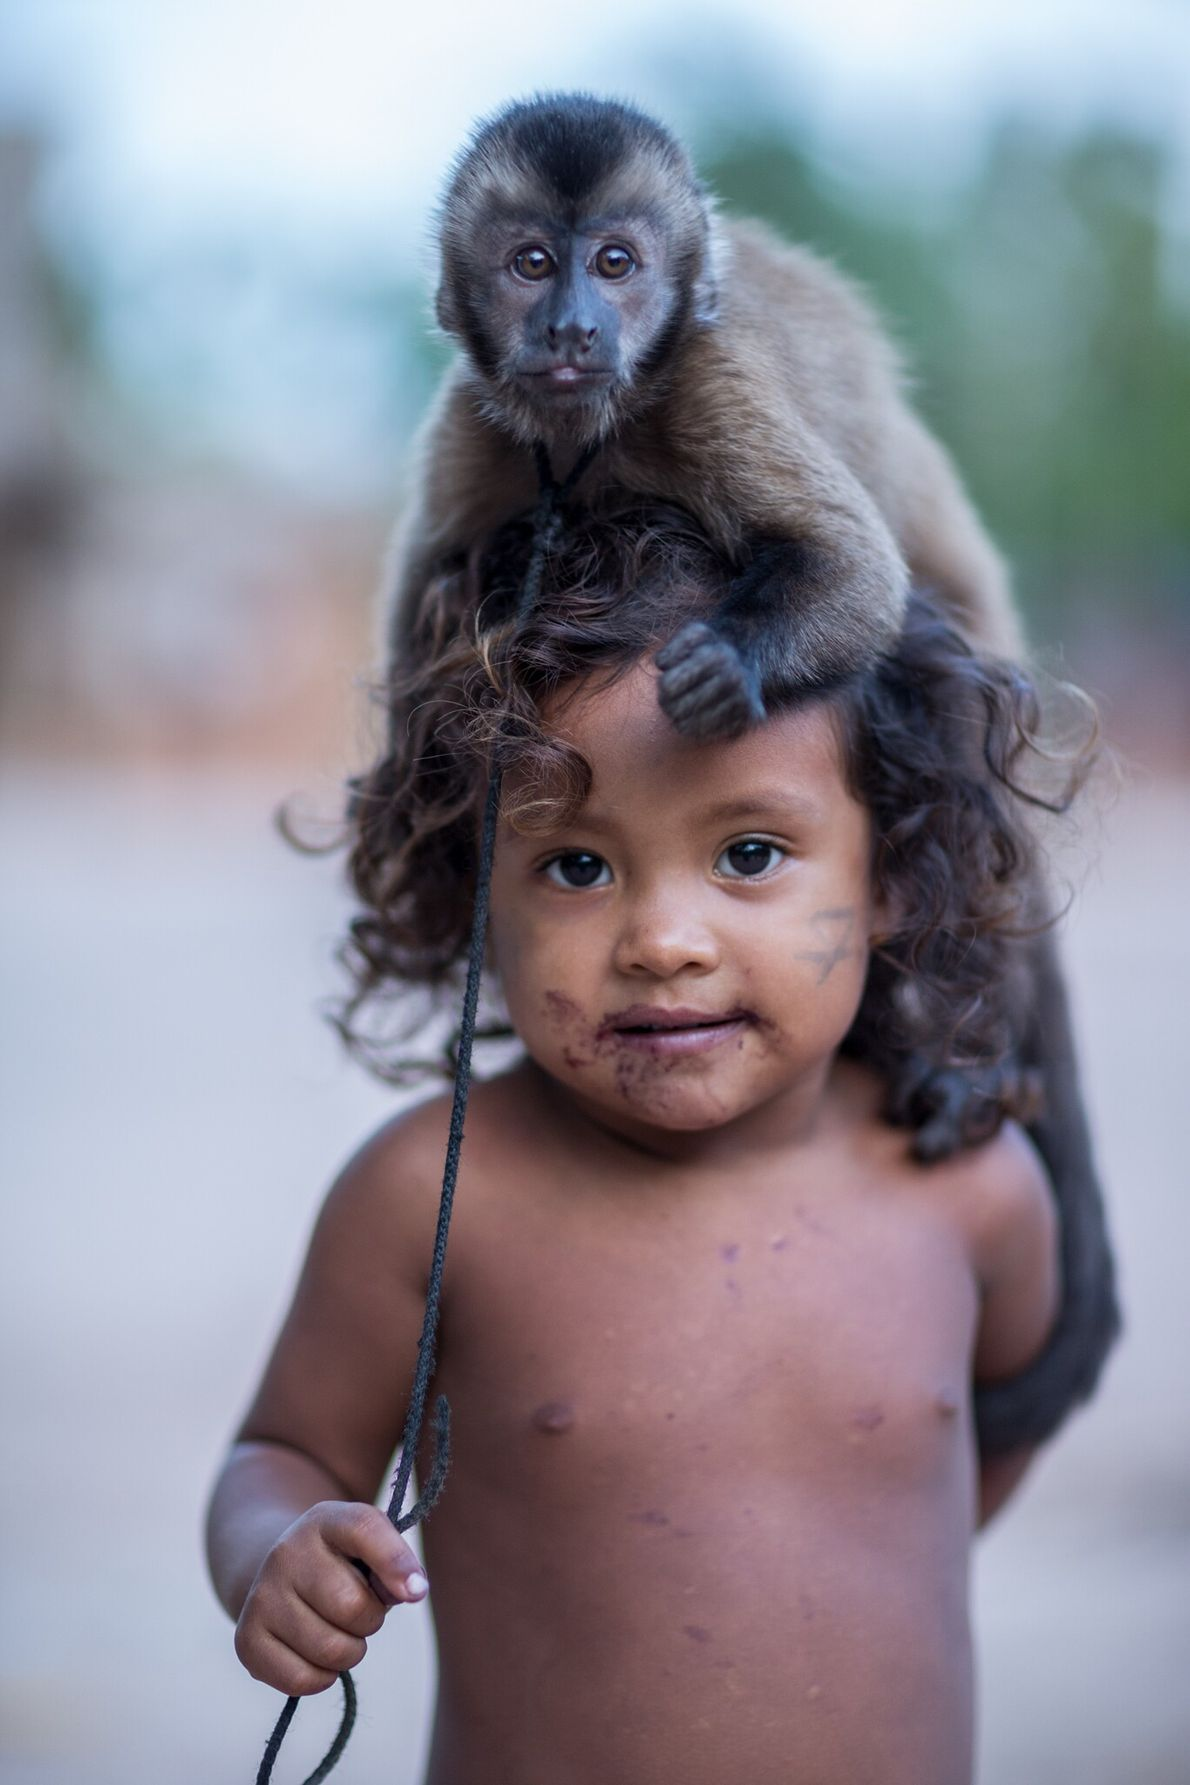 Gazielly con un mono capuchino